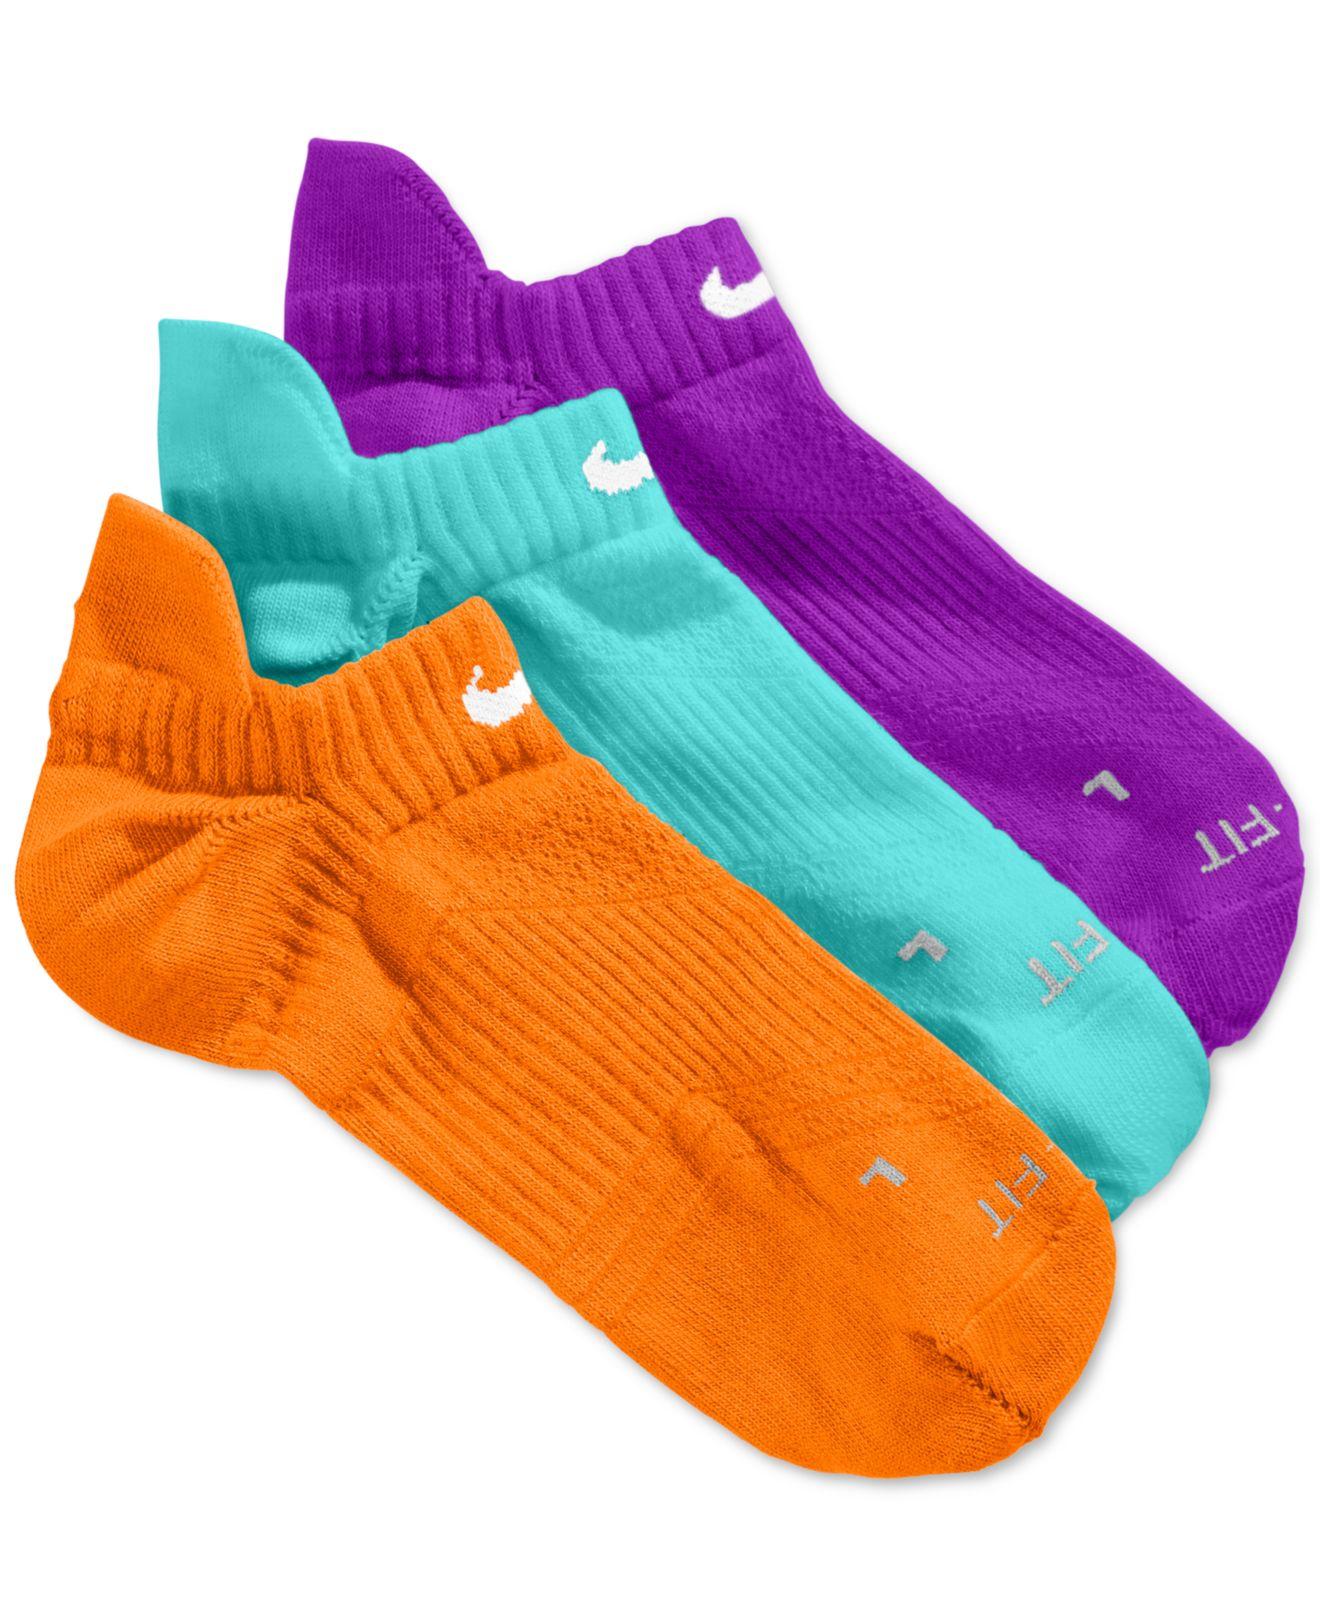 fiable Livraison gratuite confortable Nike Femmes Chaussettes Dri Fit No Show offres en ligne T8AT5RH4r